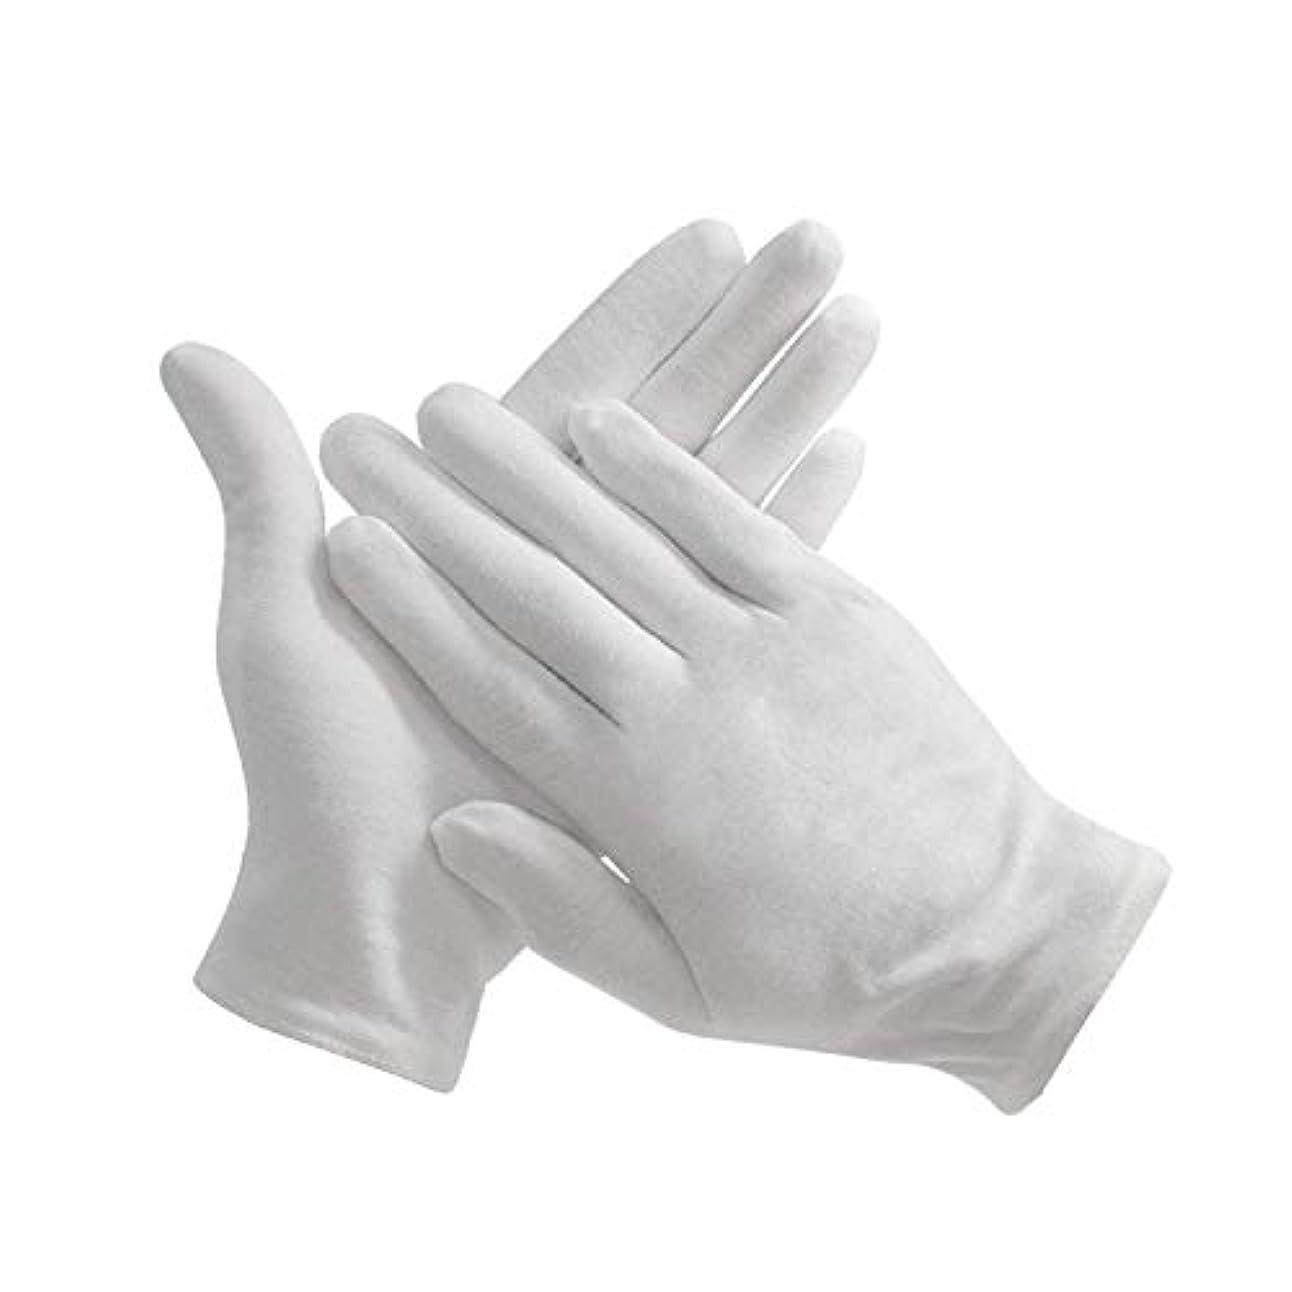 局入場サイズ12双組 手袋 綿手袋 手荒れ 純綿使い捨て 白手袋 薄手 お休み 湿疹 保湿 白手袋